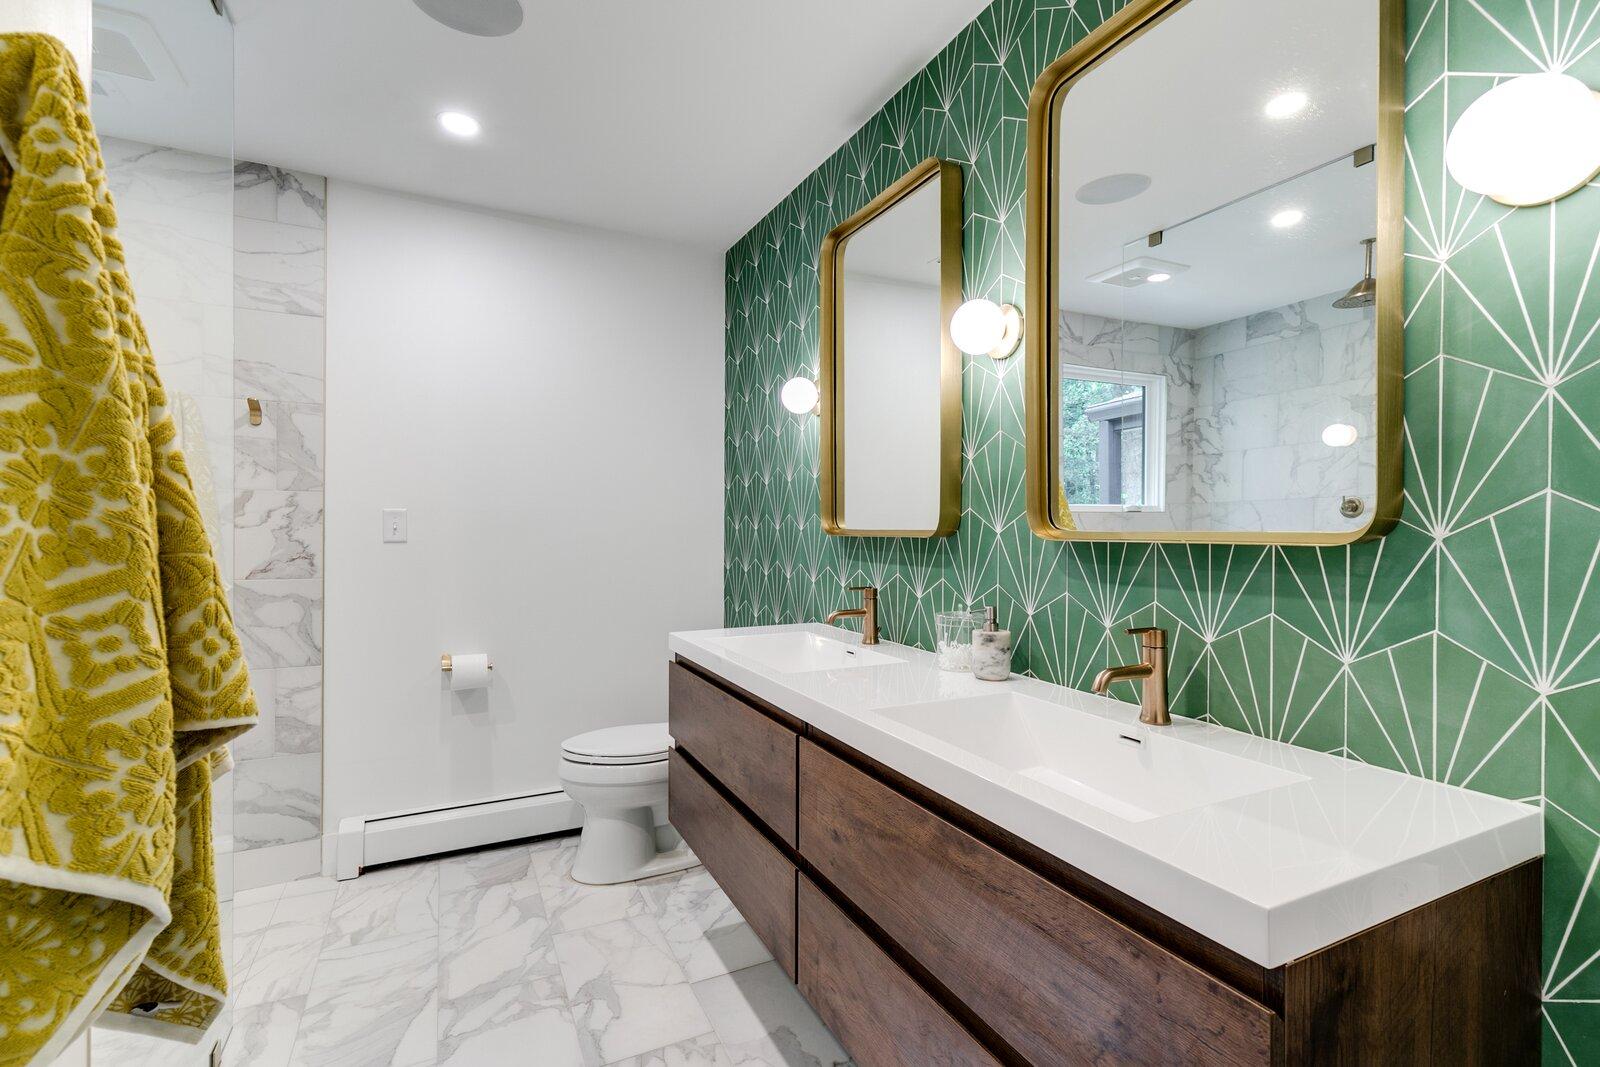 photo 13 of 551 in bath ceramic tile